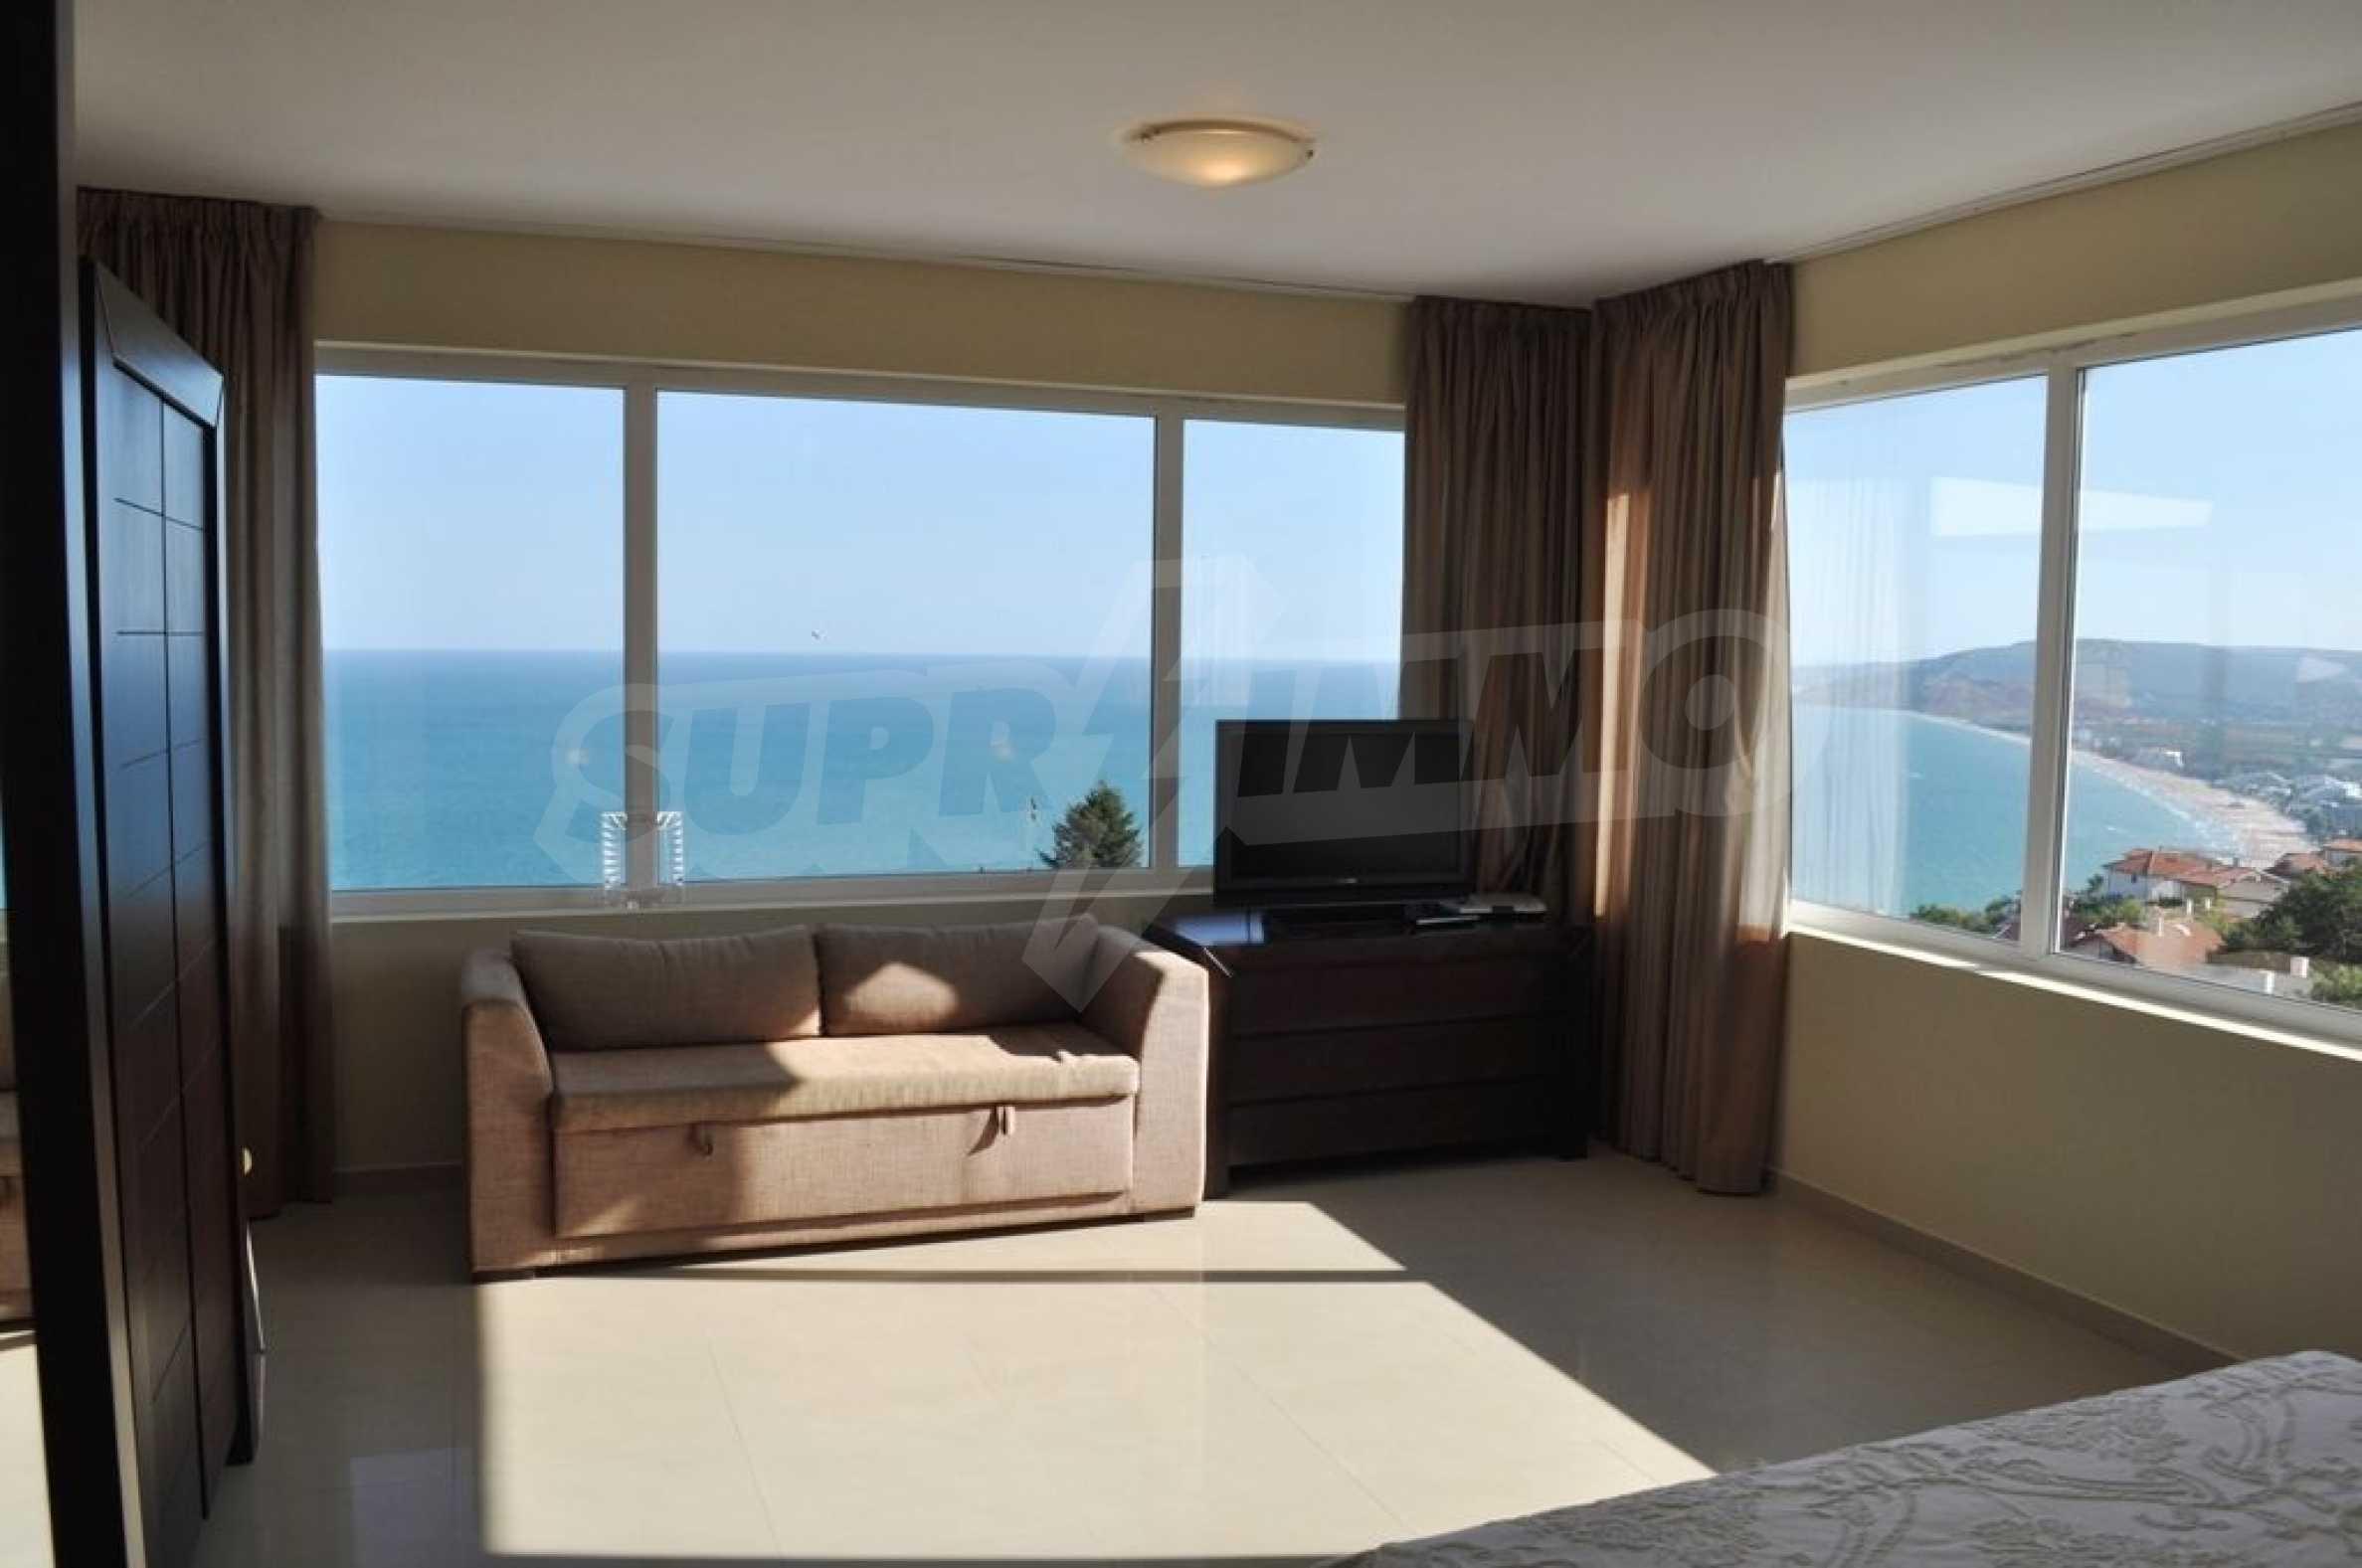 Luxusvilla mit 4 Schlafzimmern zu vermieten in der Nähe des Resorts. Albena 11